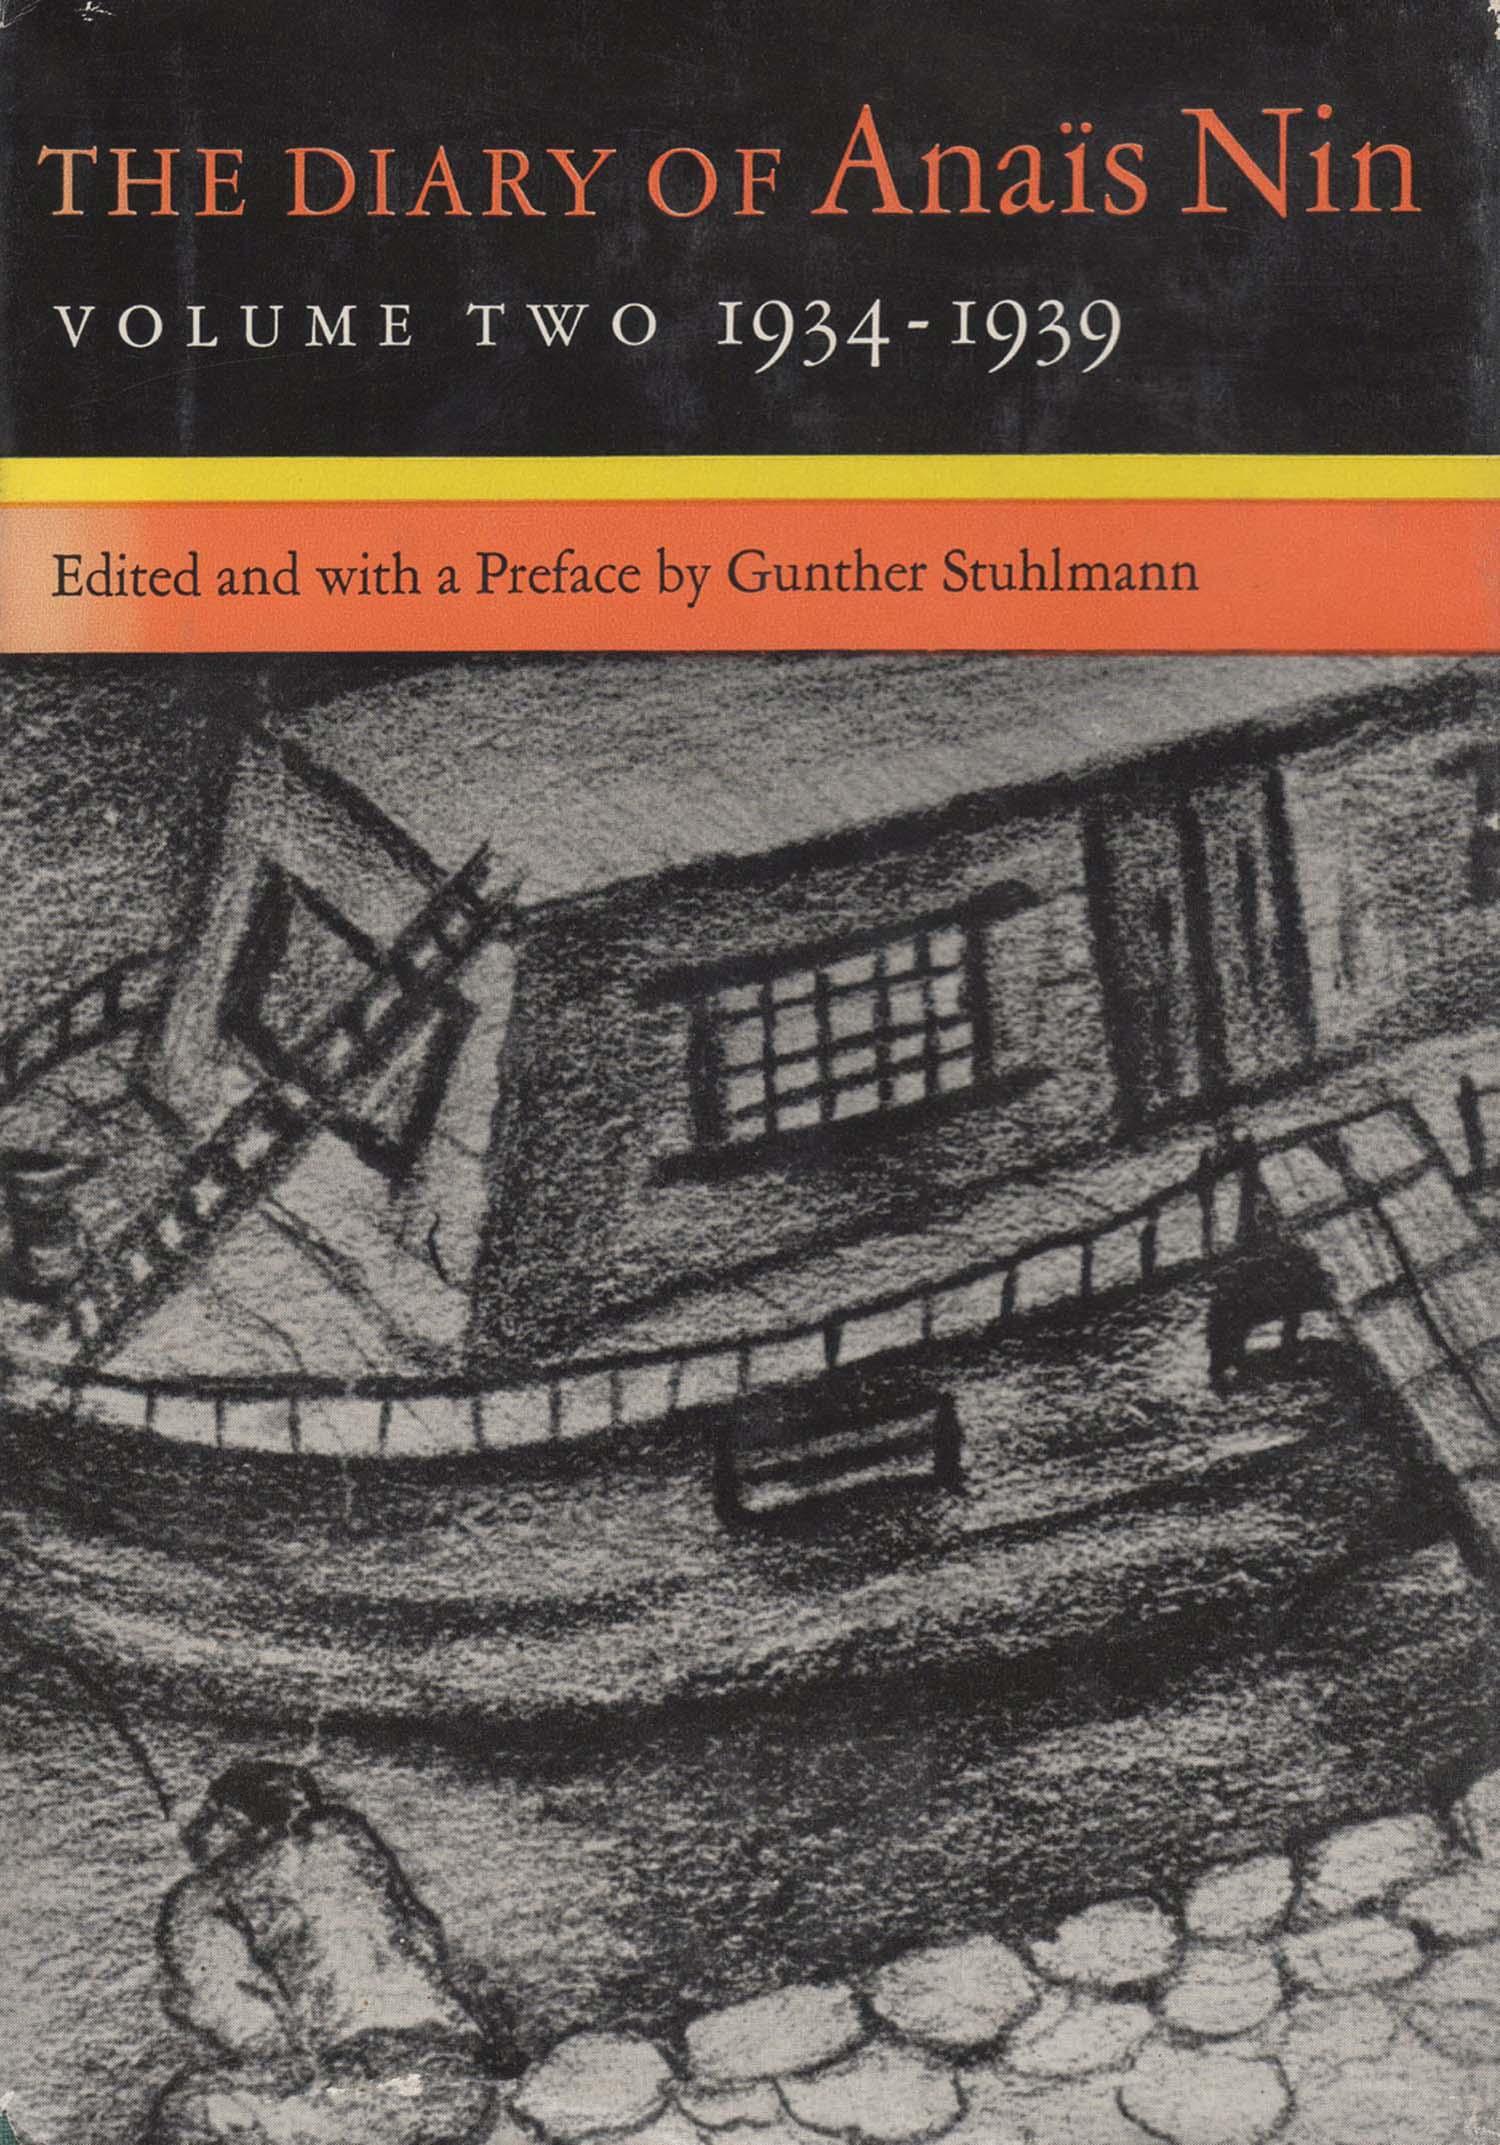 The Diary of Anais Nin Volume Two